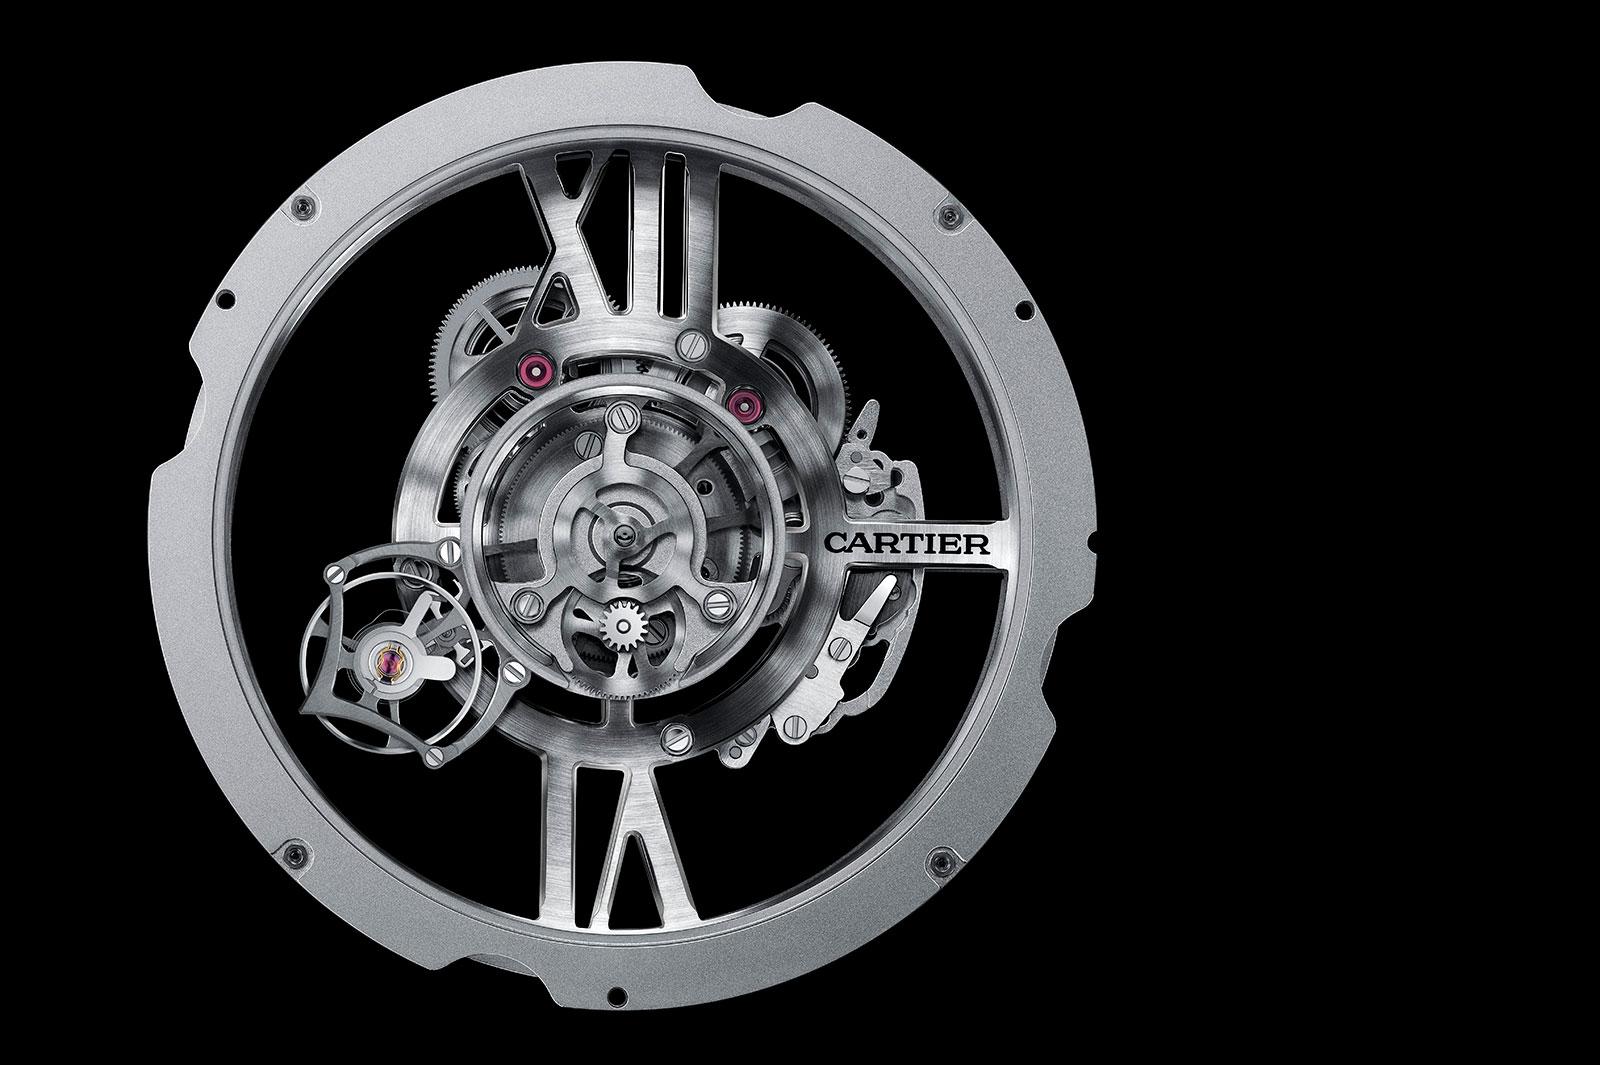 Cartier Rotonde De Cartier Astrotourbillon Price